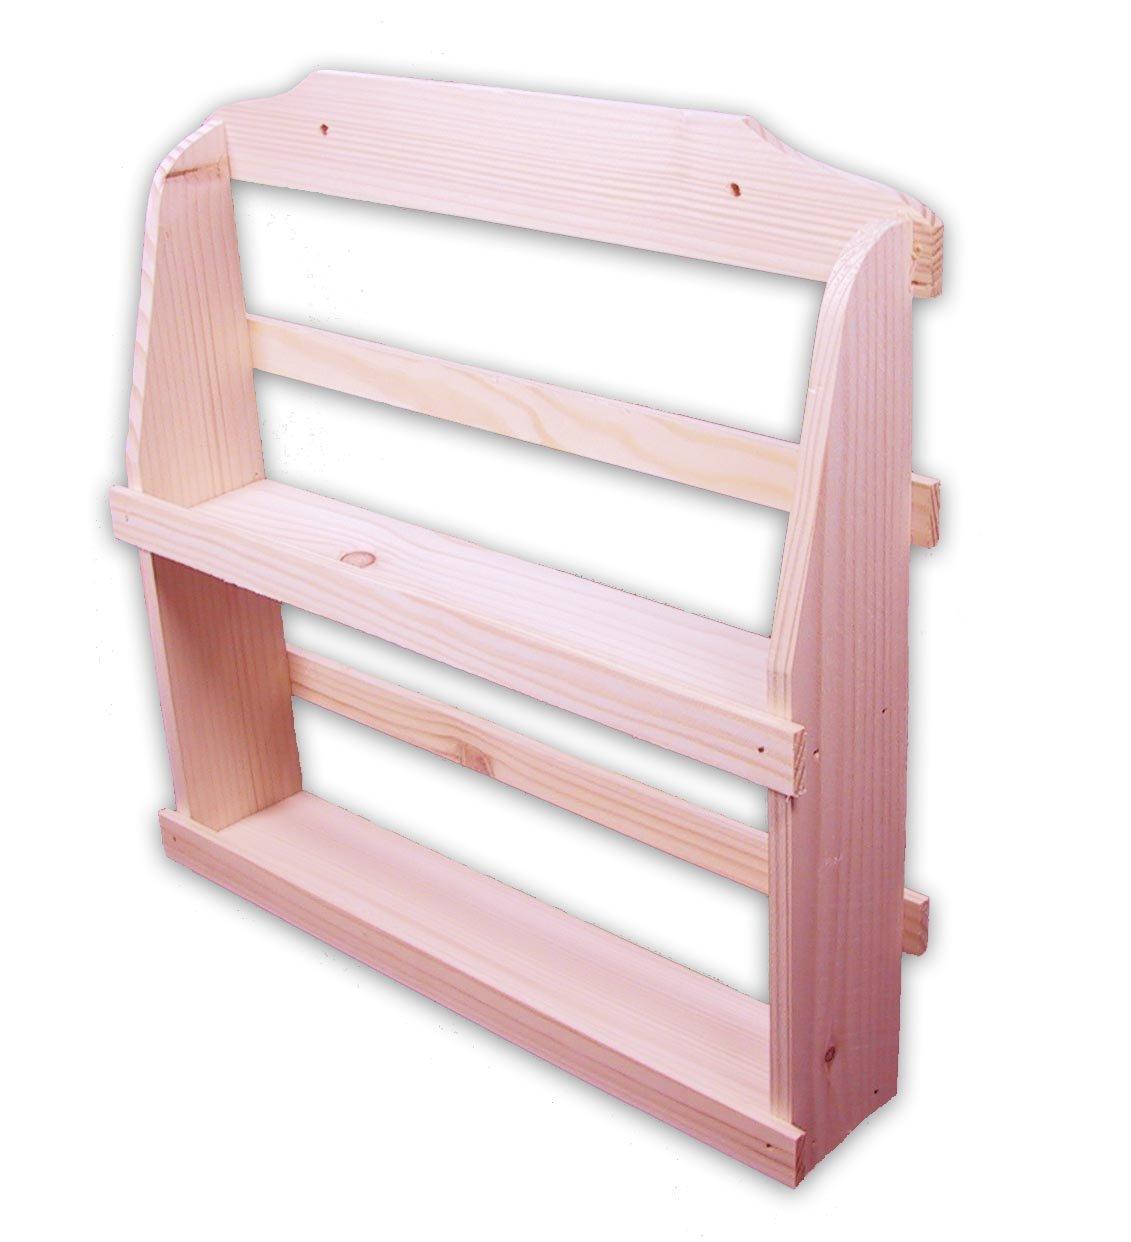 Küchenrollenhalter Selber Bauen küchenrollenhalter selber bauen geräumiges küchenrollenhalter